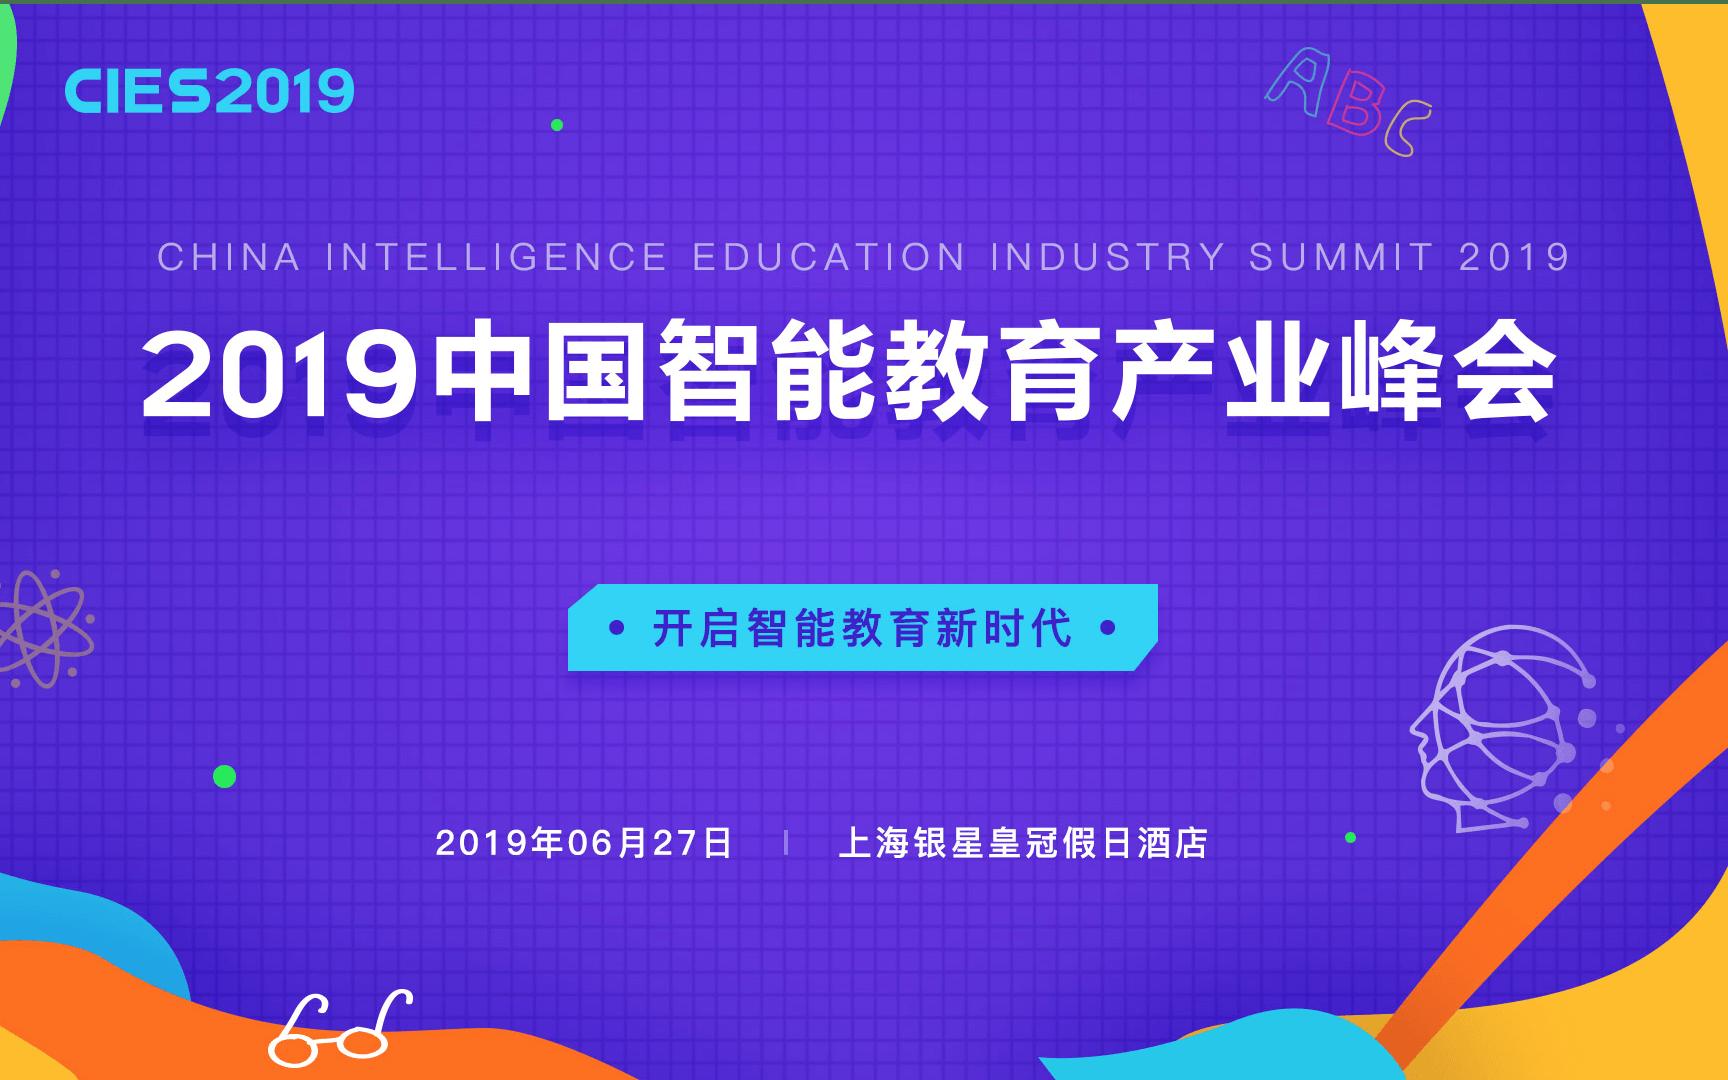 CIES2019中国智能教育产业峰会(上海)